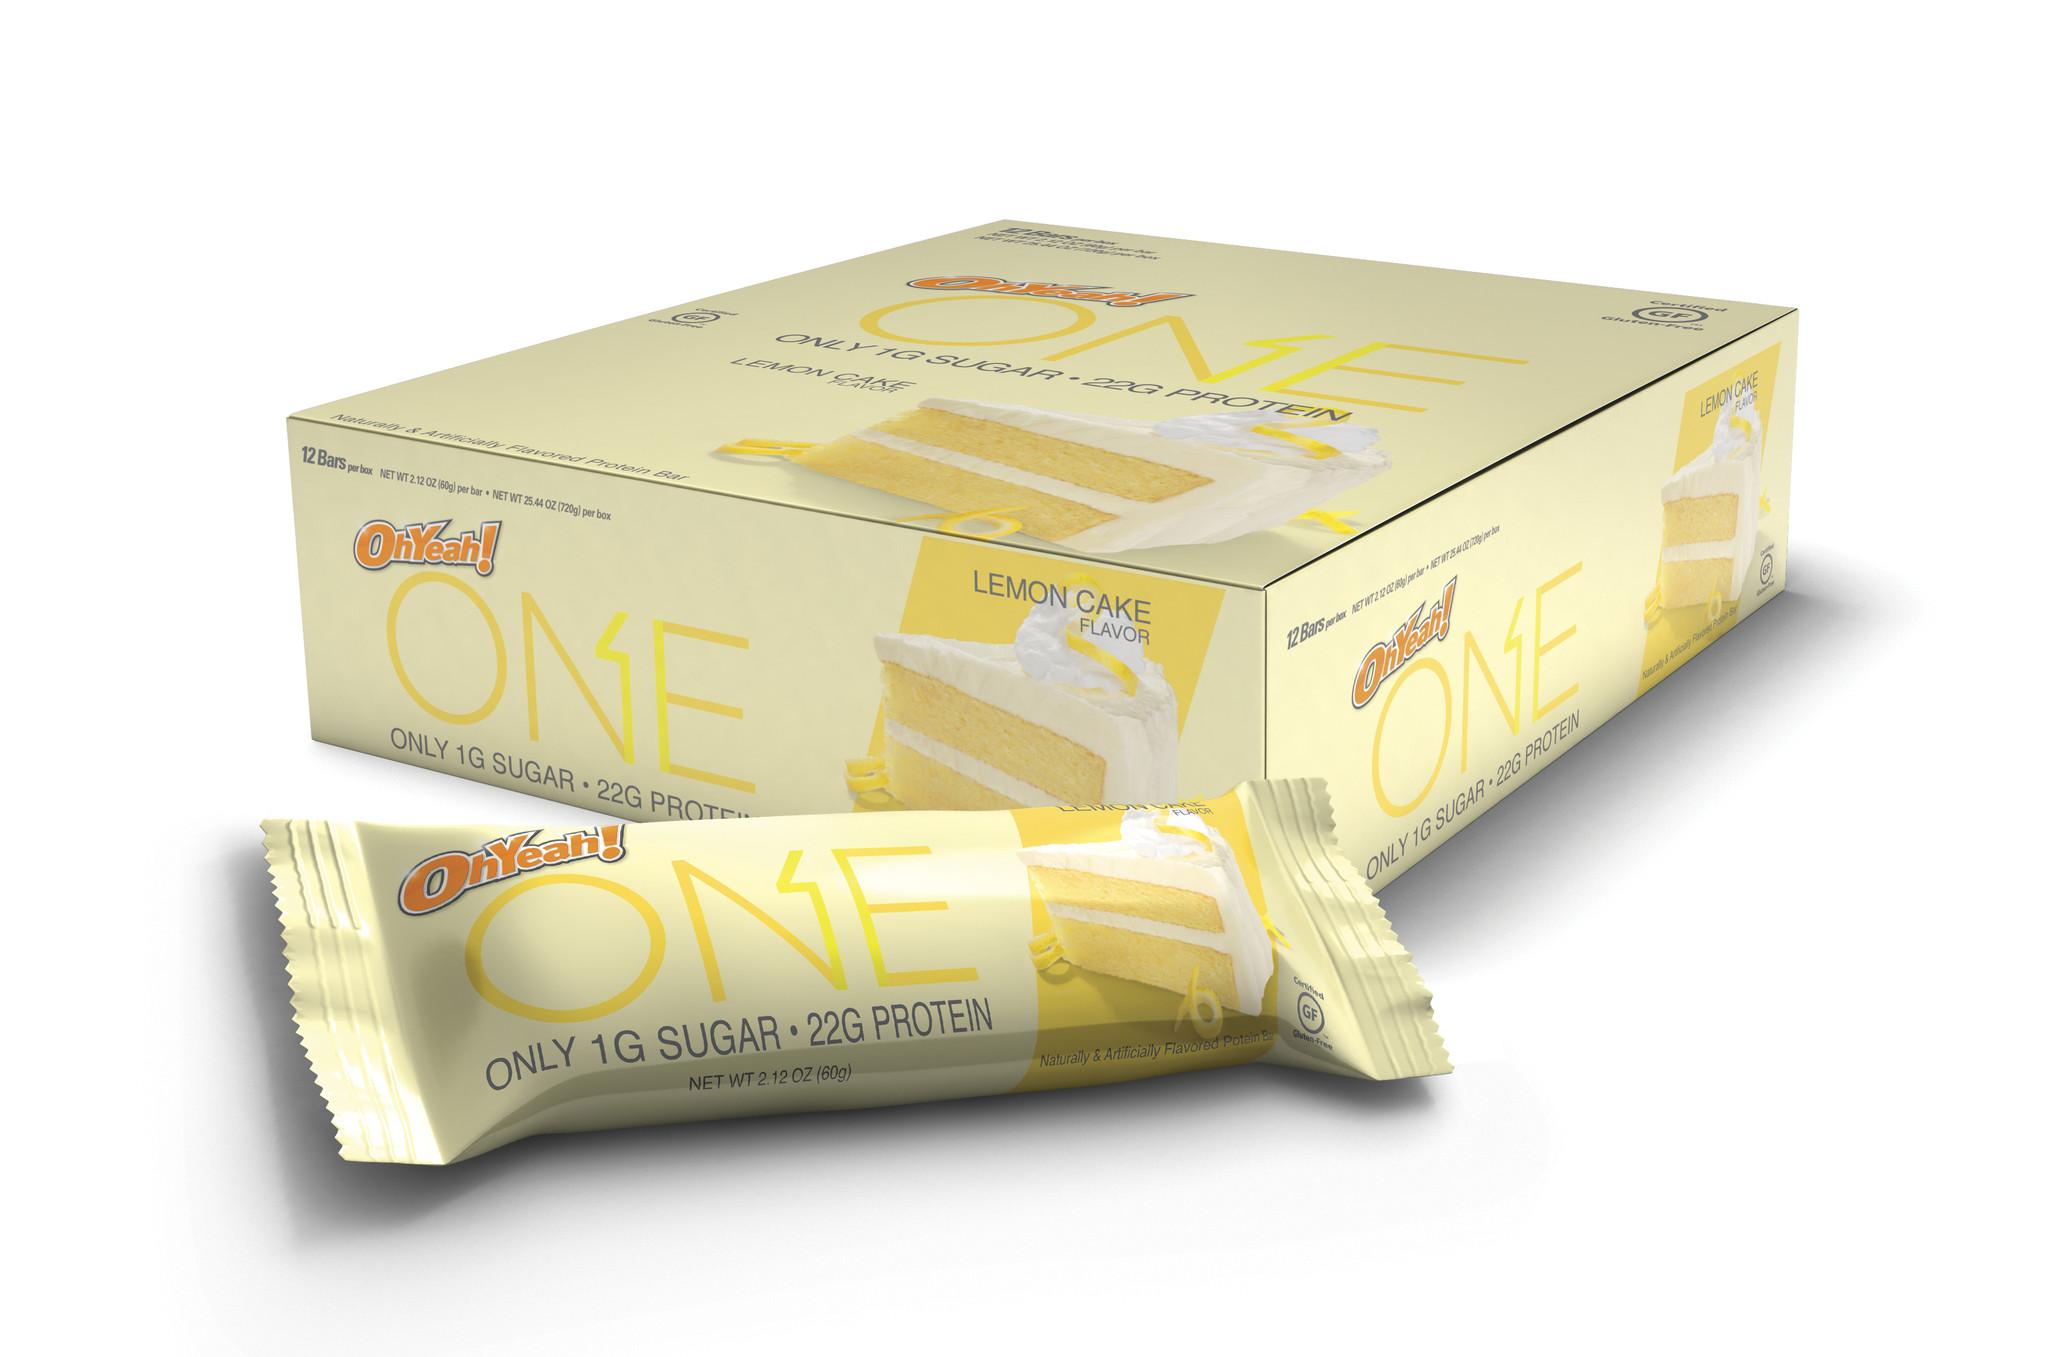 Oh Yeah! Lemon Cake Bar